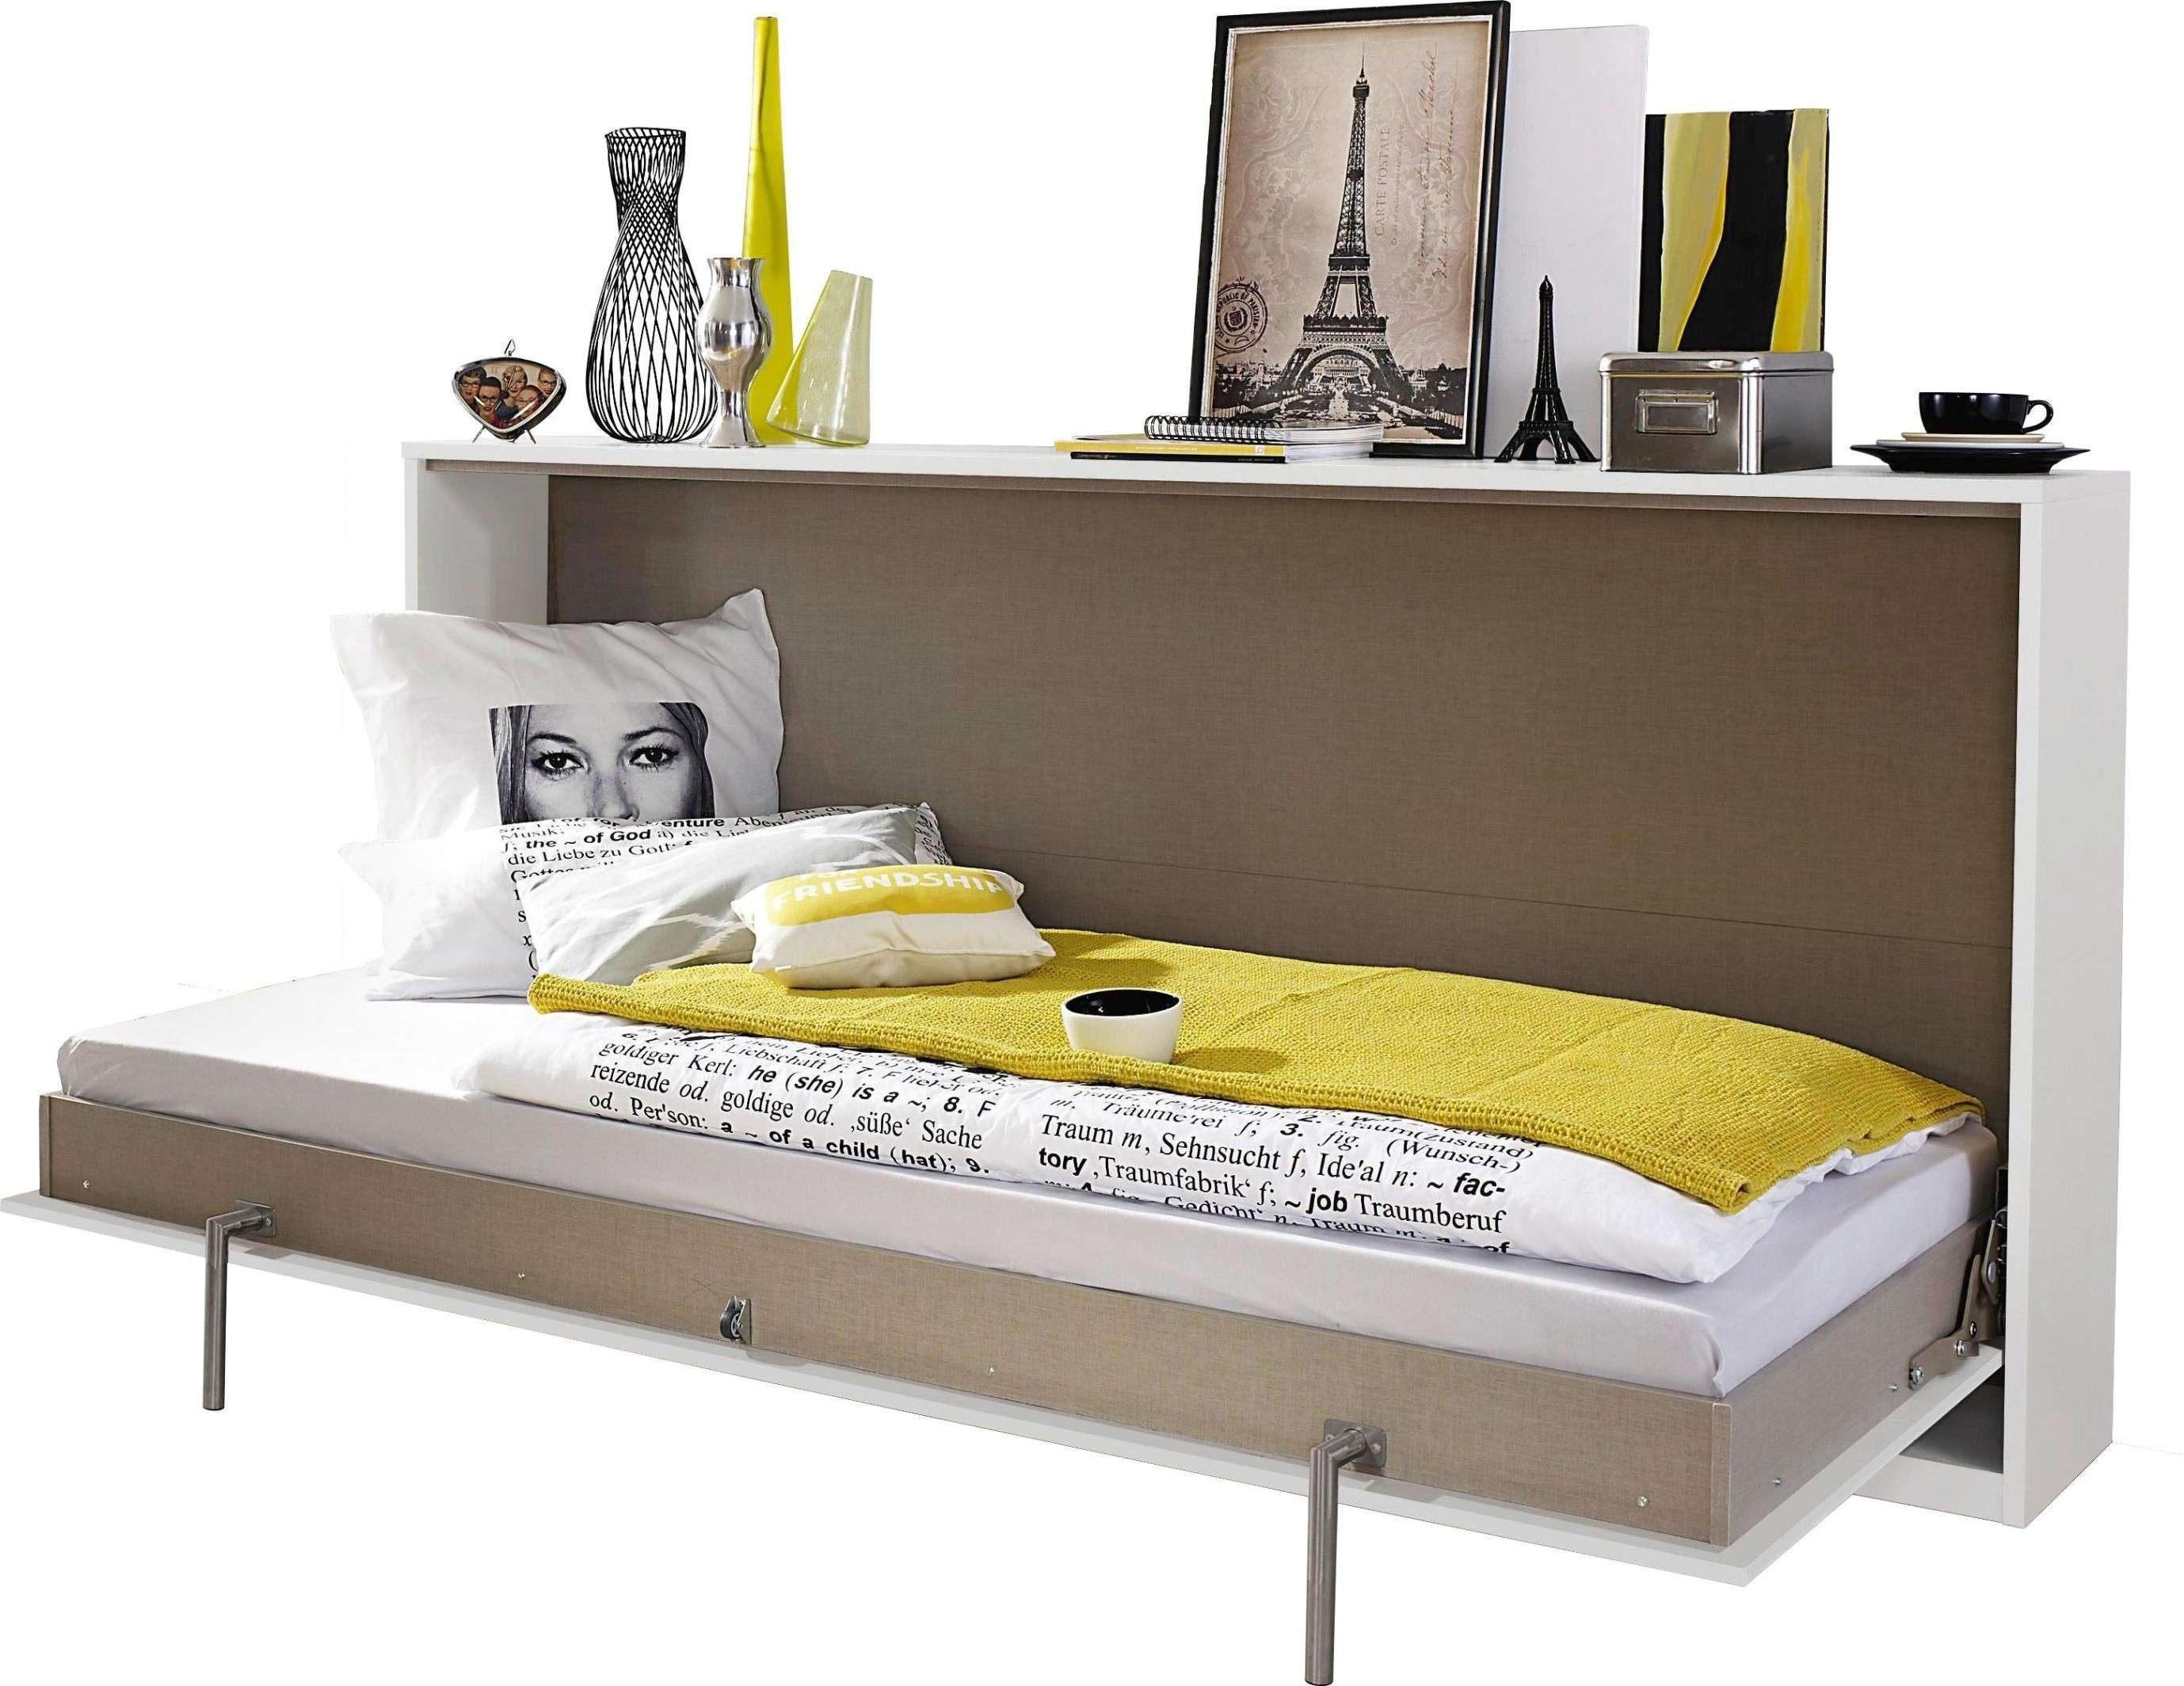 Lit Enfant 190 Luxe Lit 80 190 Matras 190 X 140 Inspirerende Bett 80—200 Ikea Schön Groß